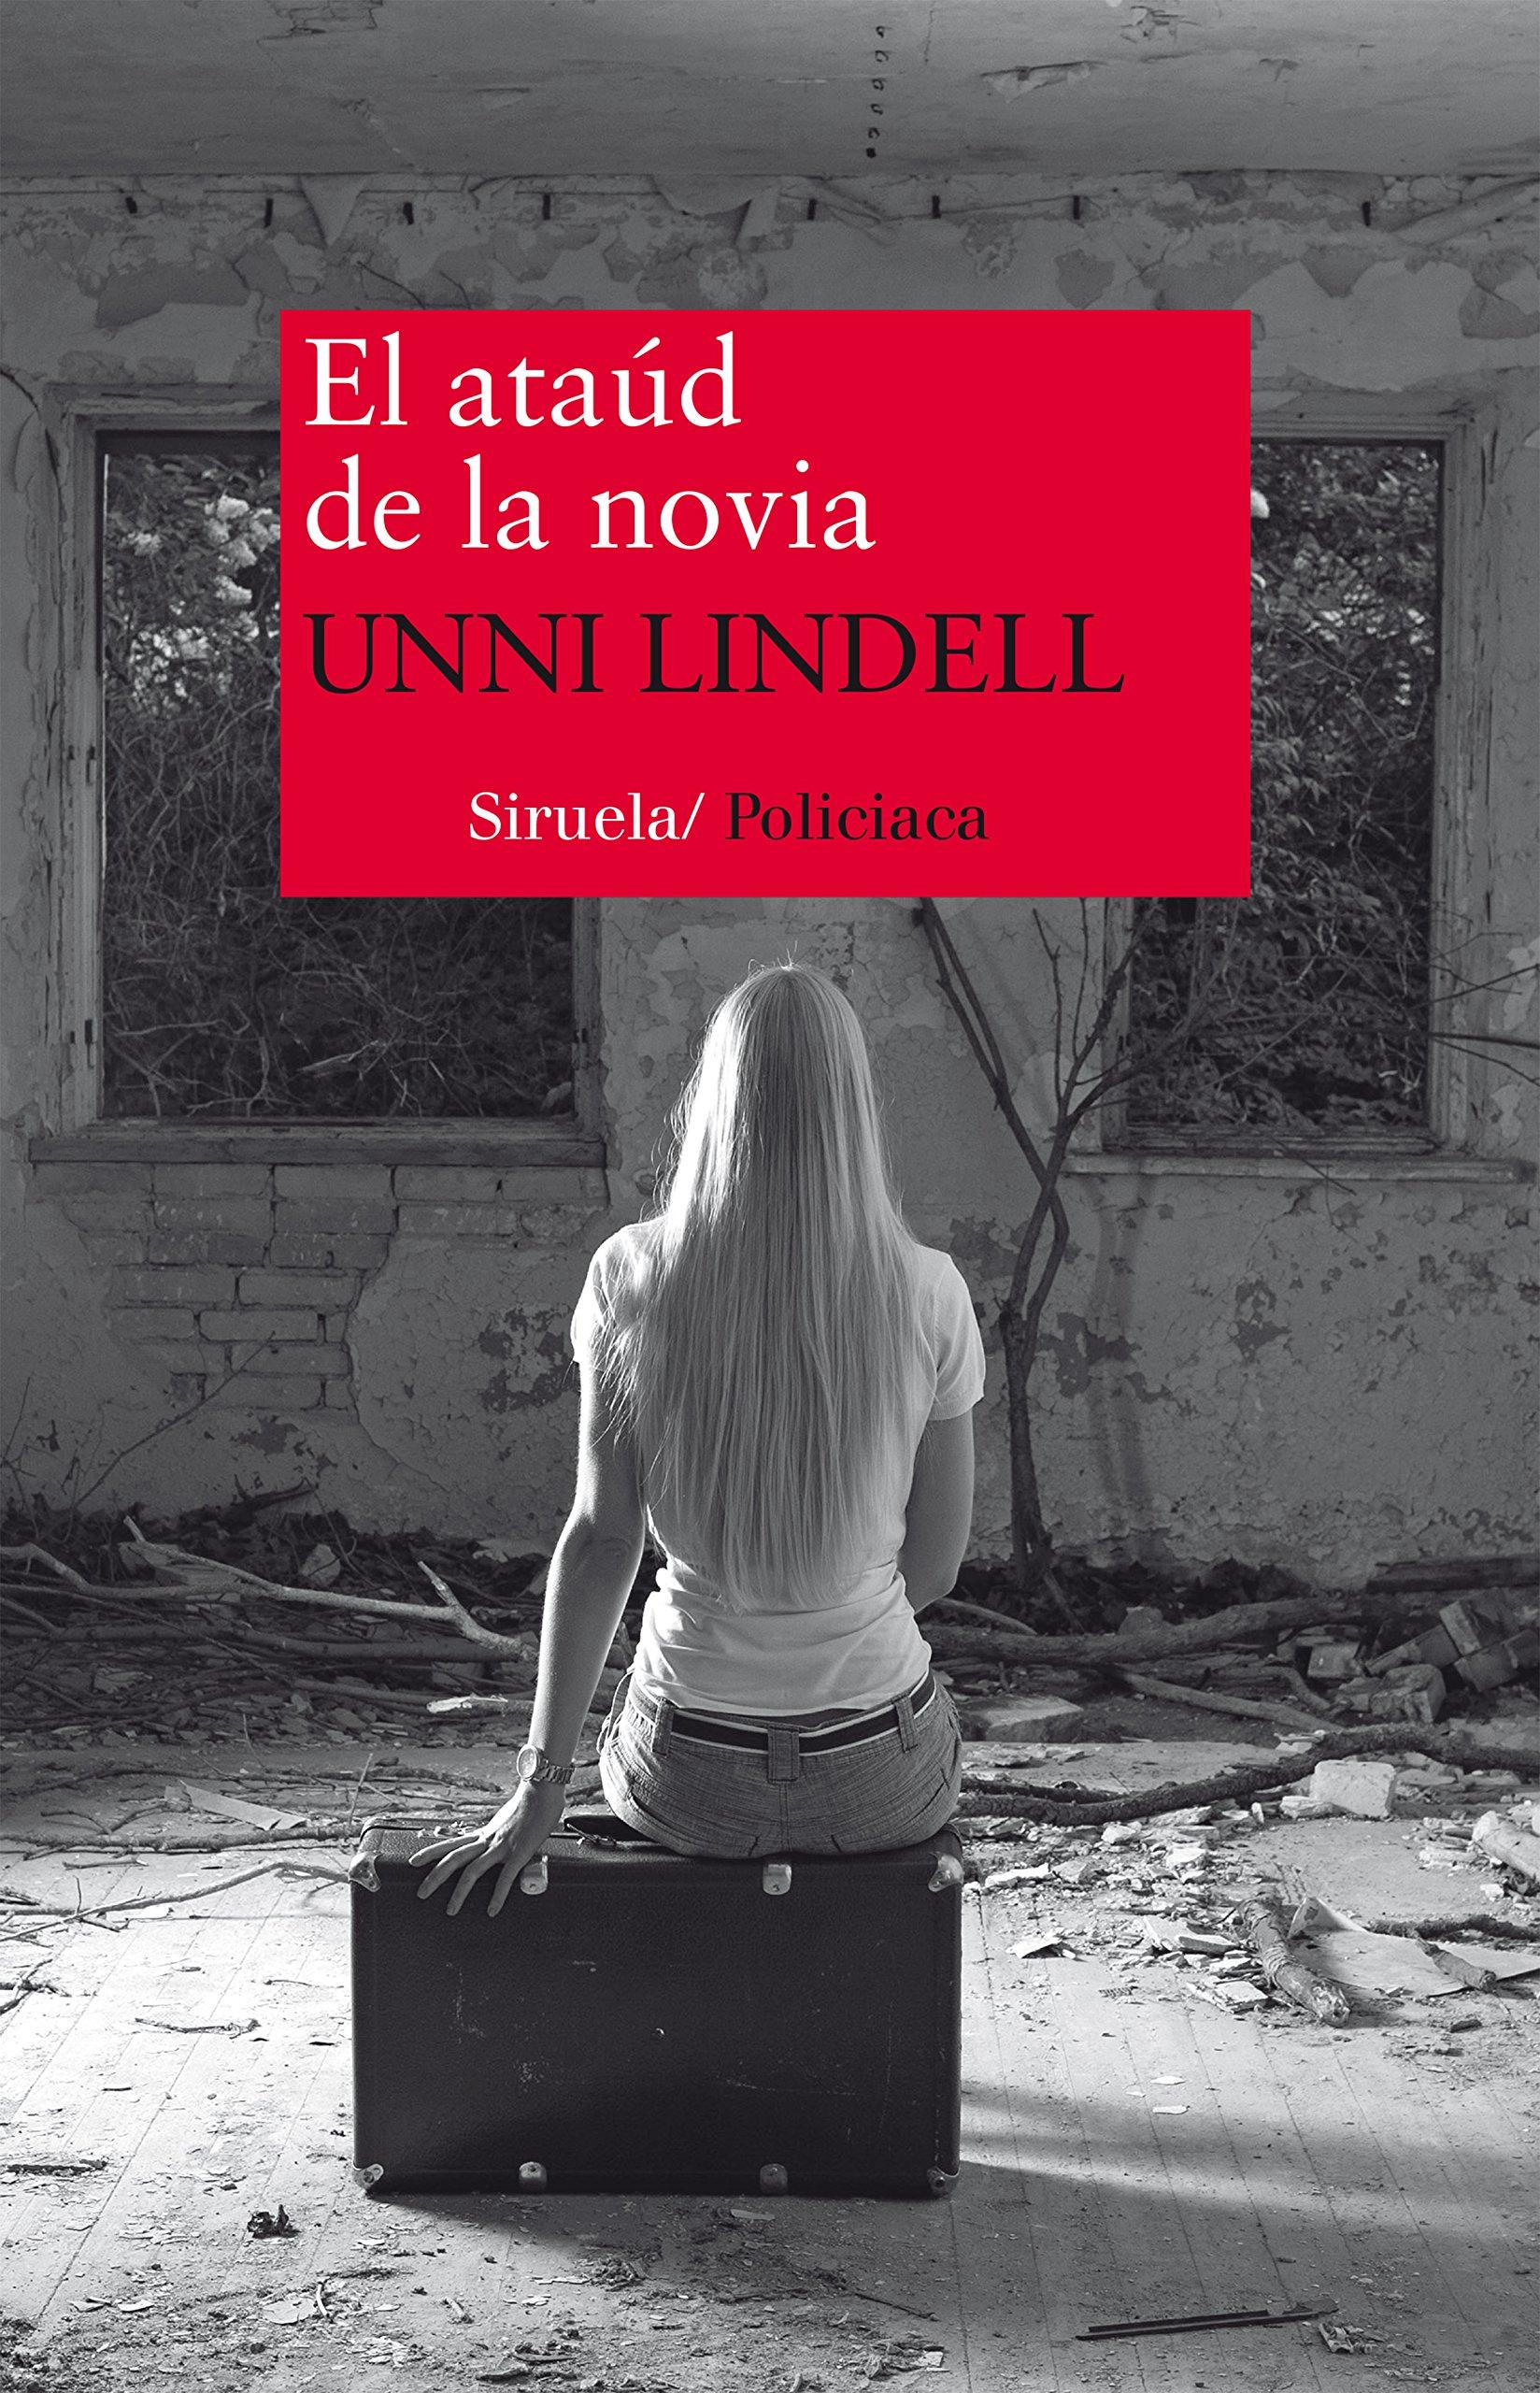 El Ataúd De La Novia (Nuevos Tiempos): Amazon.es: Unni Lindell, Lotte K. Tollefsen: Libros